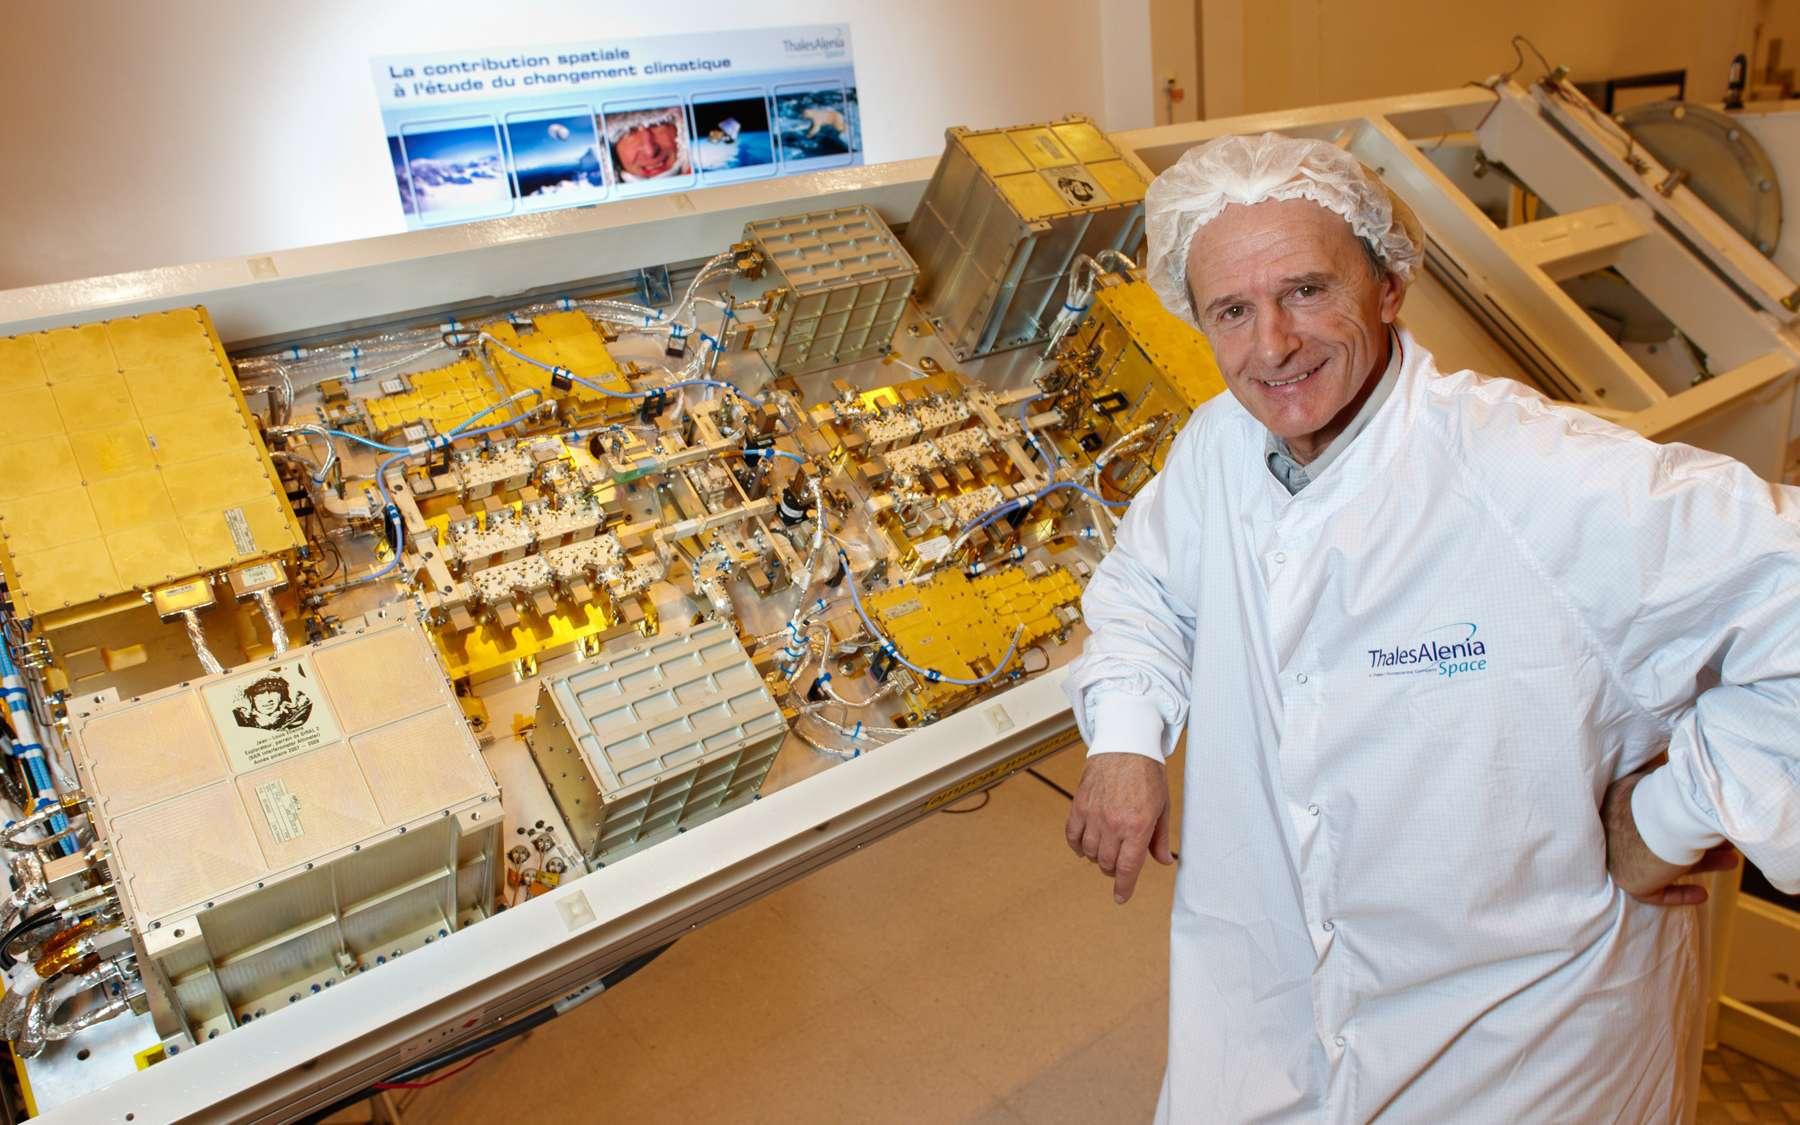 Jean-Louis Etienne pose devant l'altimètre Siral-2 dont il est le parrain. Cet altimètre, dédié à la surveillance des couches de glaces, est l'instrument principal du satellite CryoSat-2.